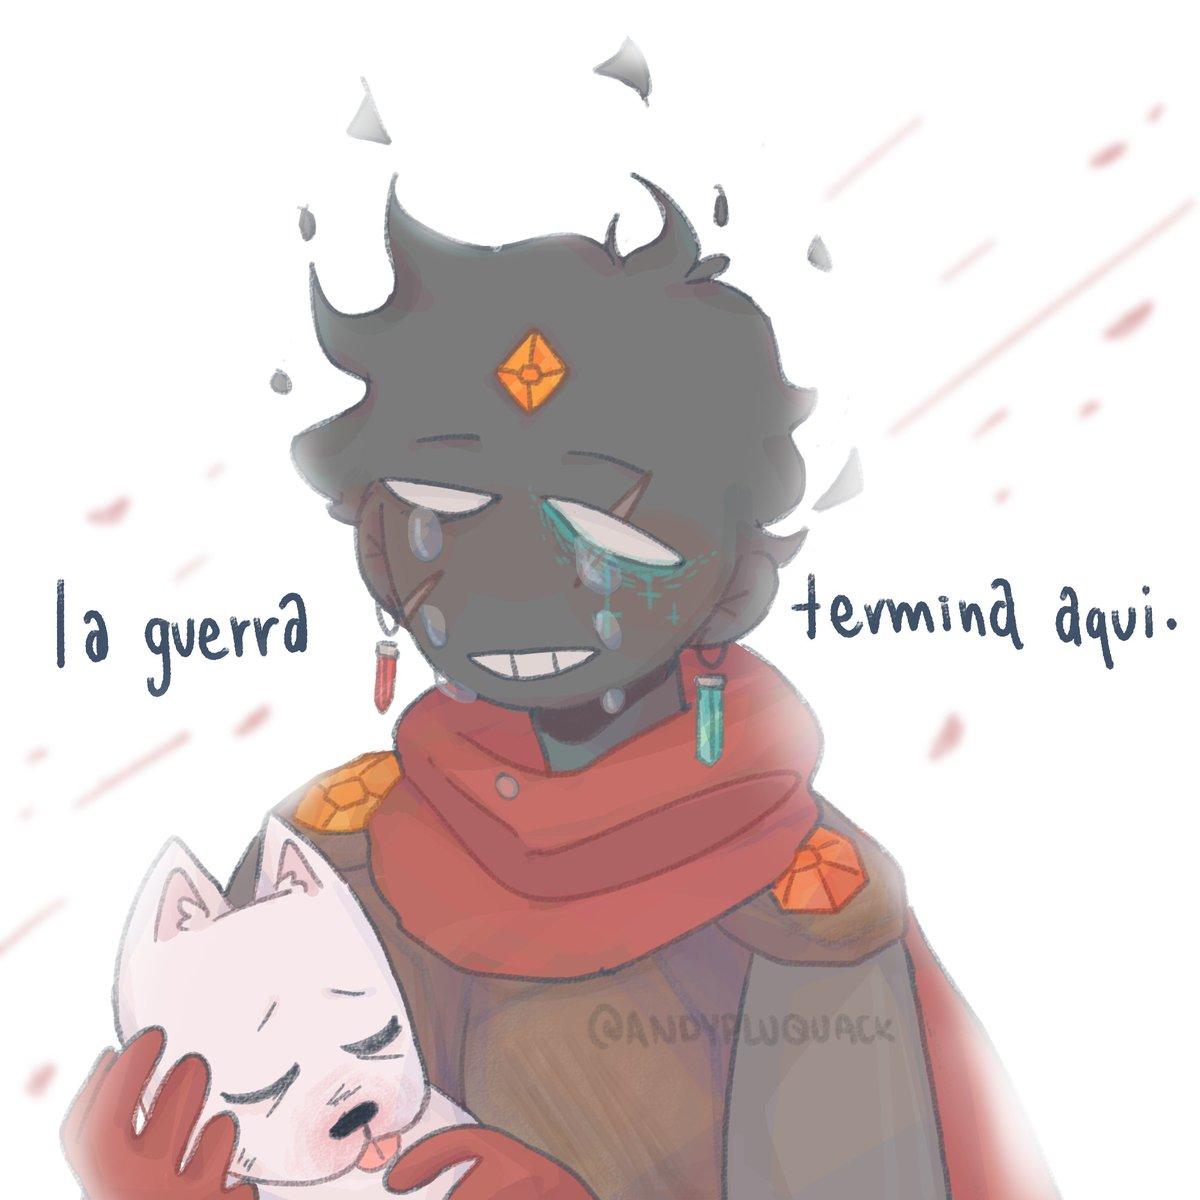 ☆ ~ [ la guerra termina aqui. ] ~ ☆ un mes tarde pero vengo a abrirles la herida de la guerra :] + Farfa is back, amen 🛐 ✨ anyways, rts are aprecciated! :) #CubiArt #CubiArtFarfa